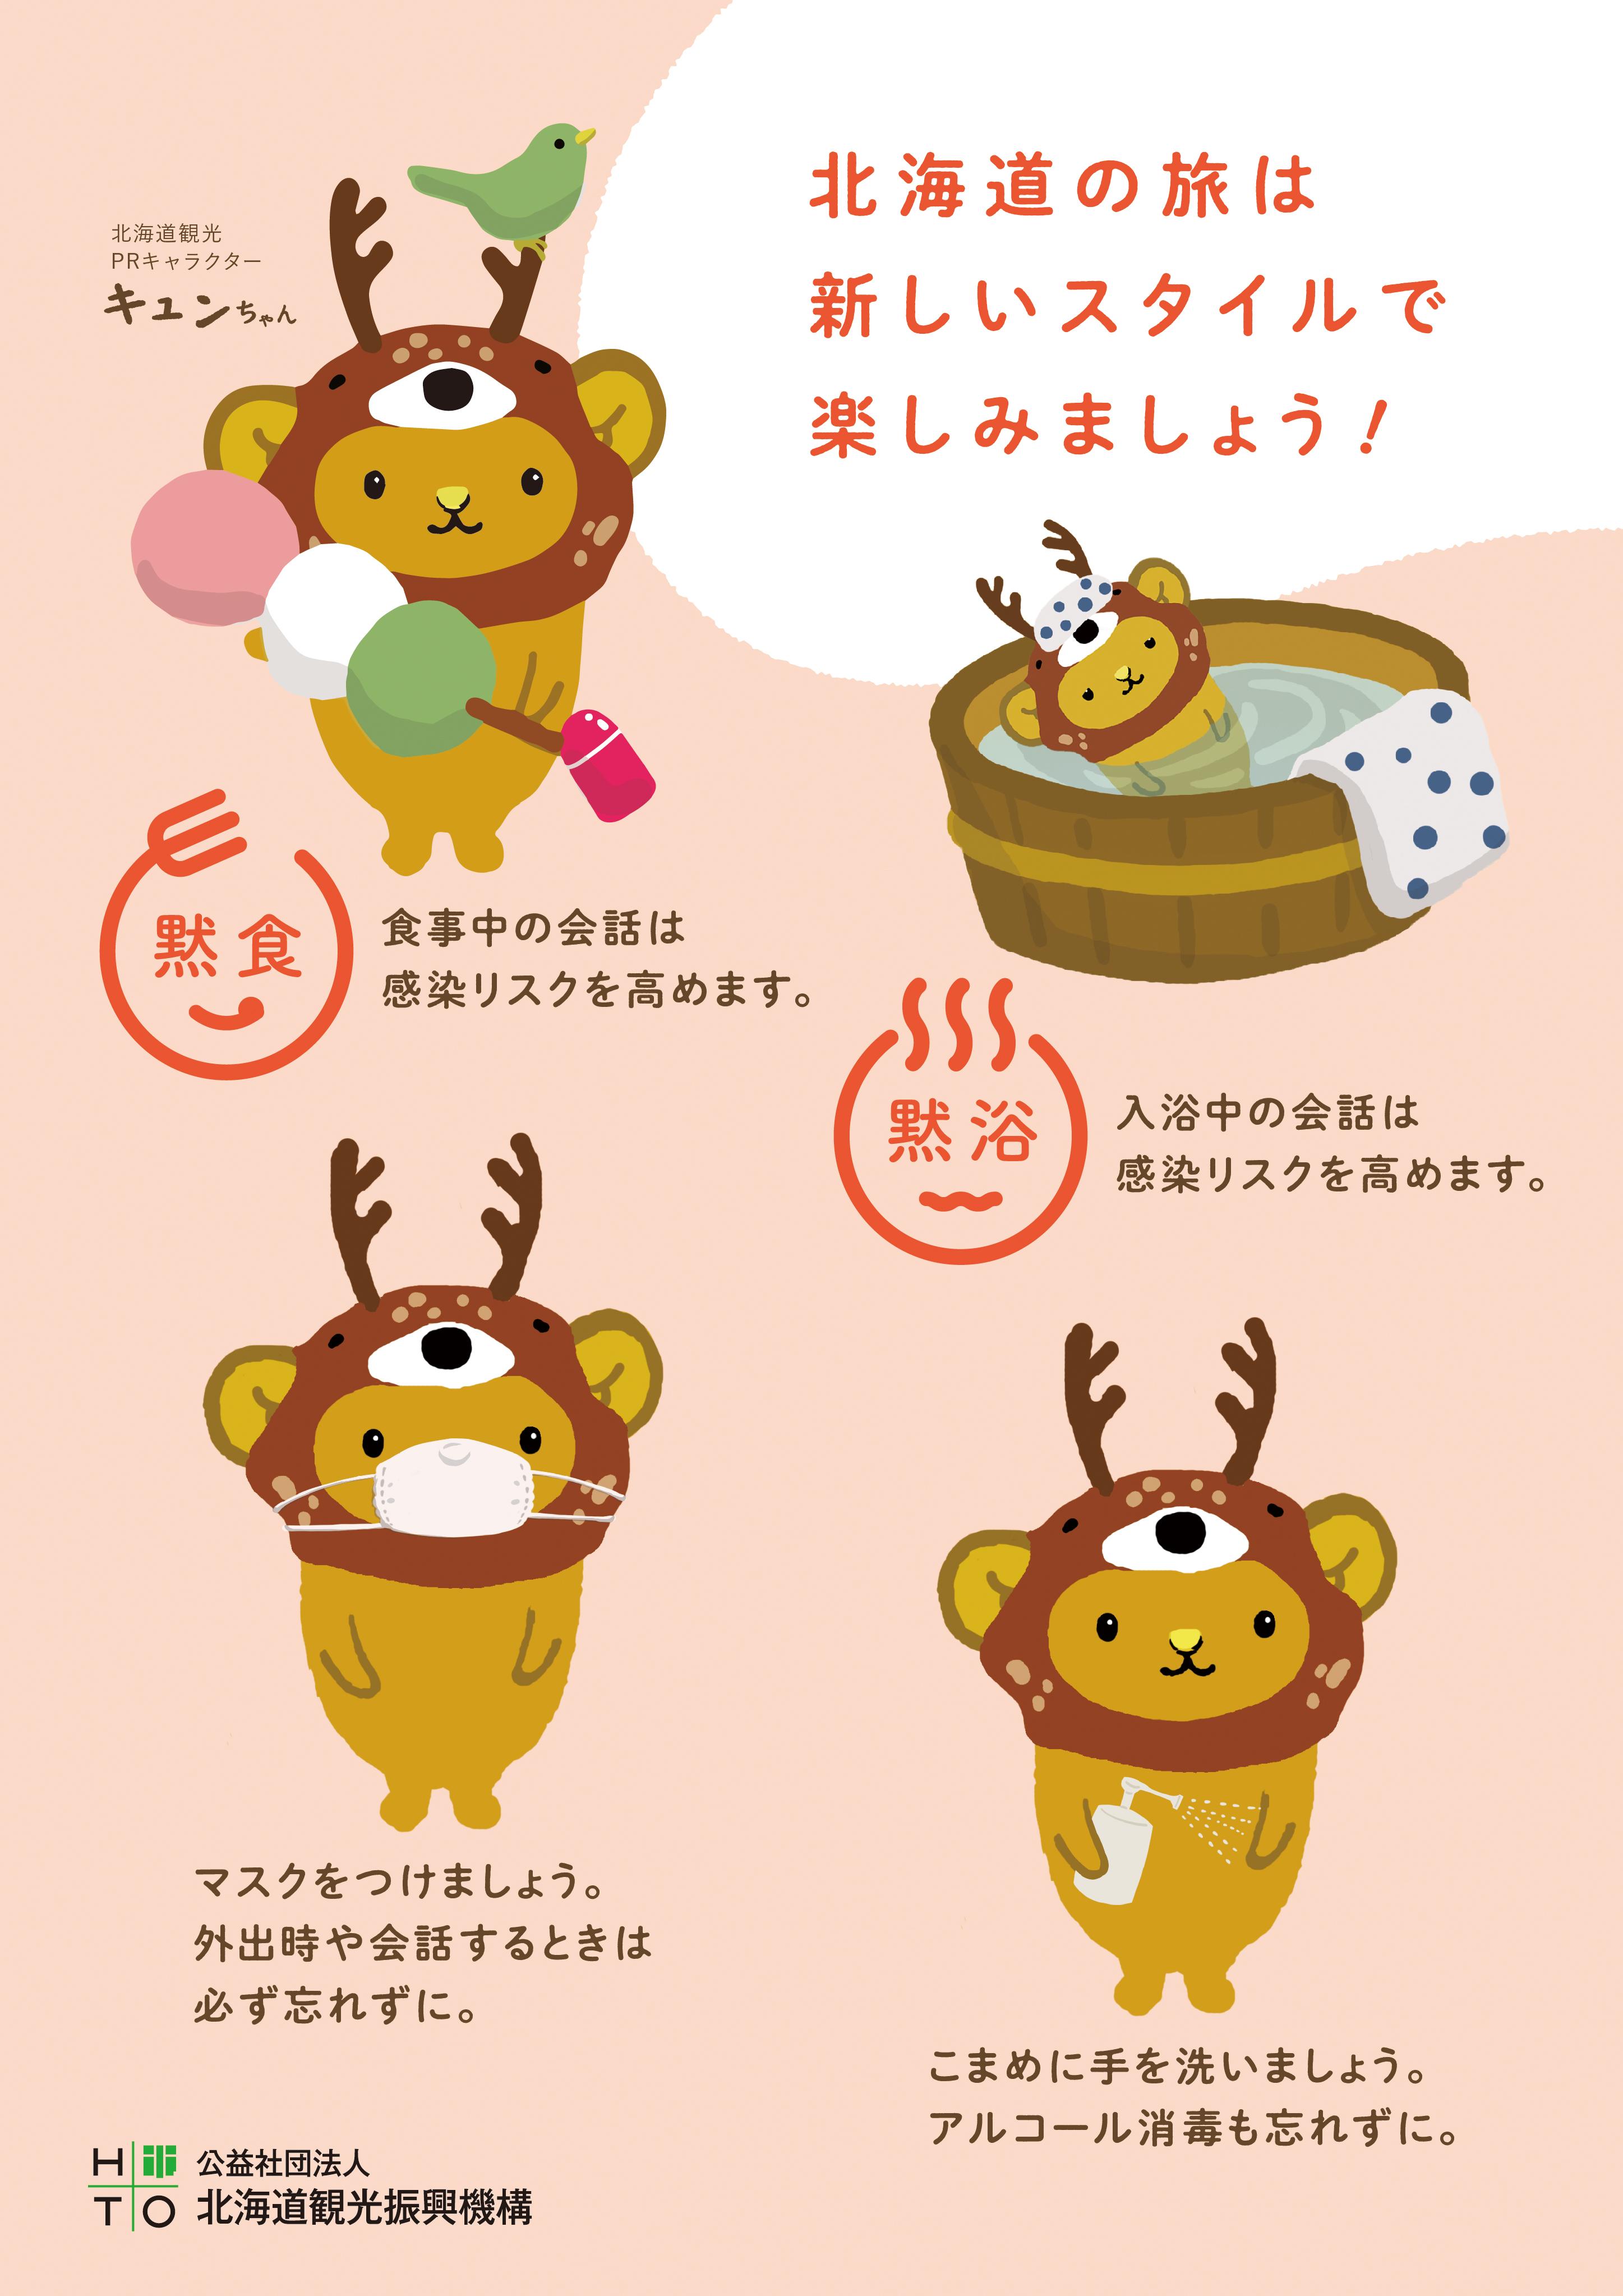 【札幌市民限定】「新しい旅のスタイル」宿泊プラン予約受付のお知らせ